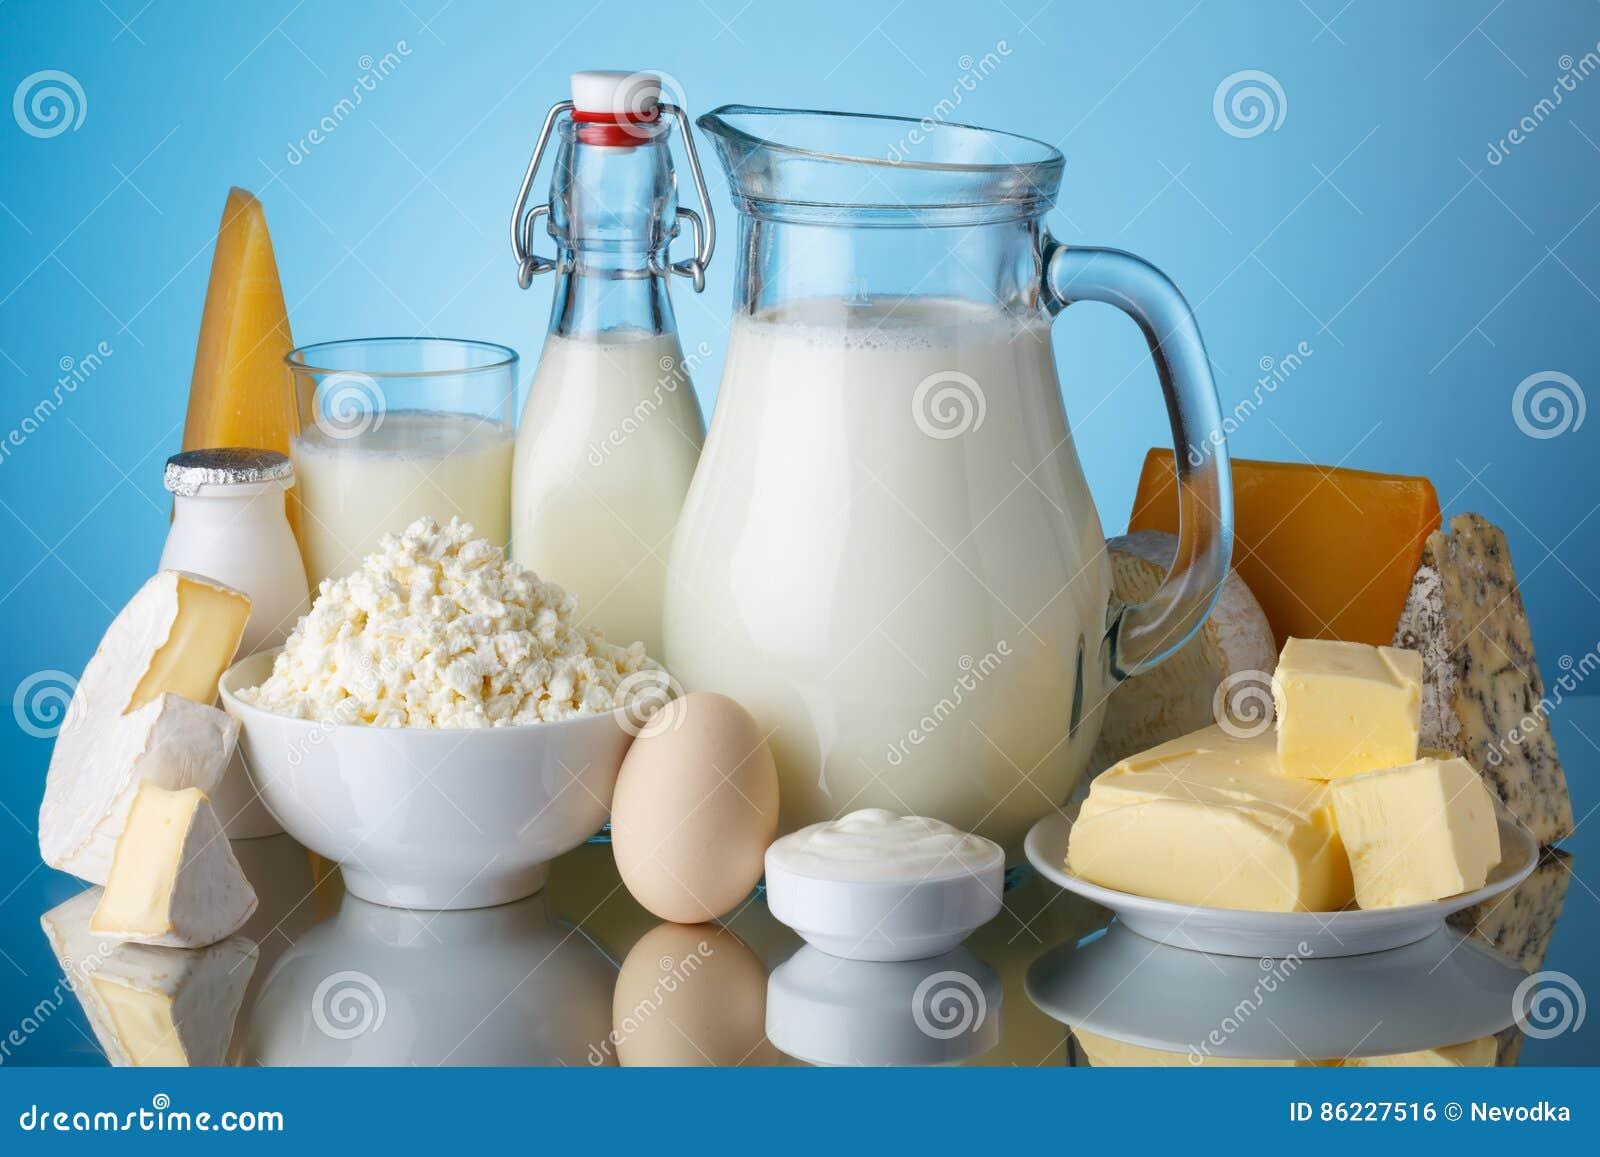 乳制品,牛奶,乳酪,鸡蛋,酸奶